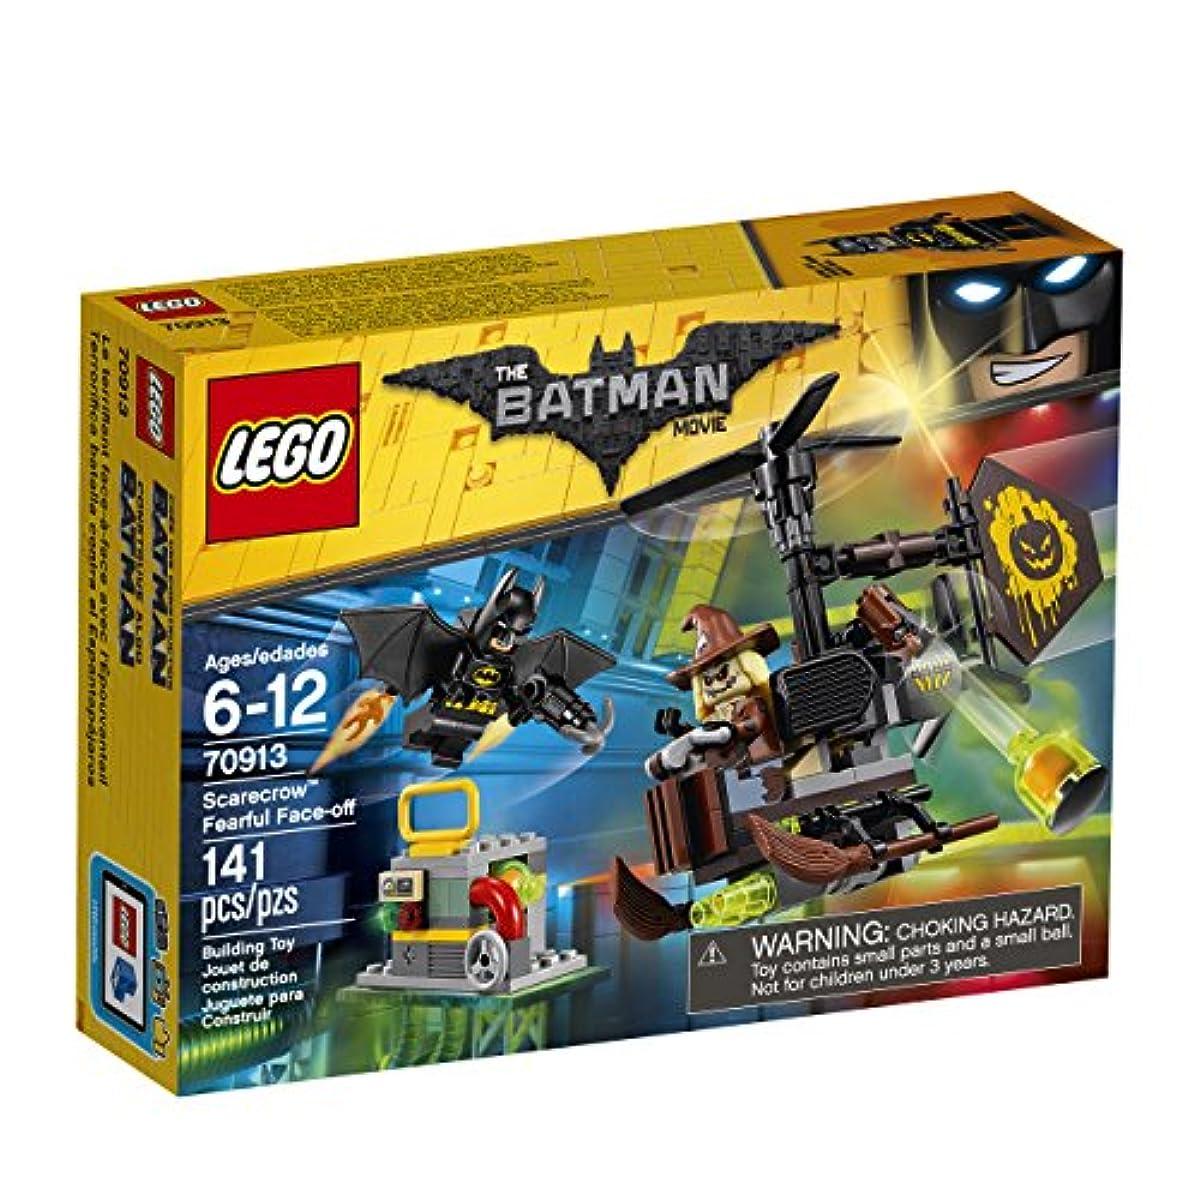 [해외] LEGO BATMAN MOVIE SCARECROW FEARFUL FACE-OFF 70913 BUILDING KIT